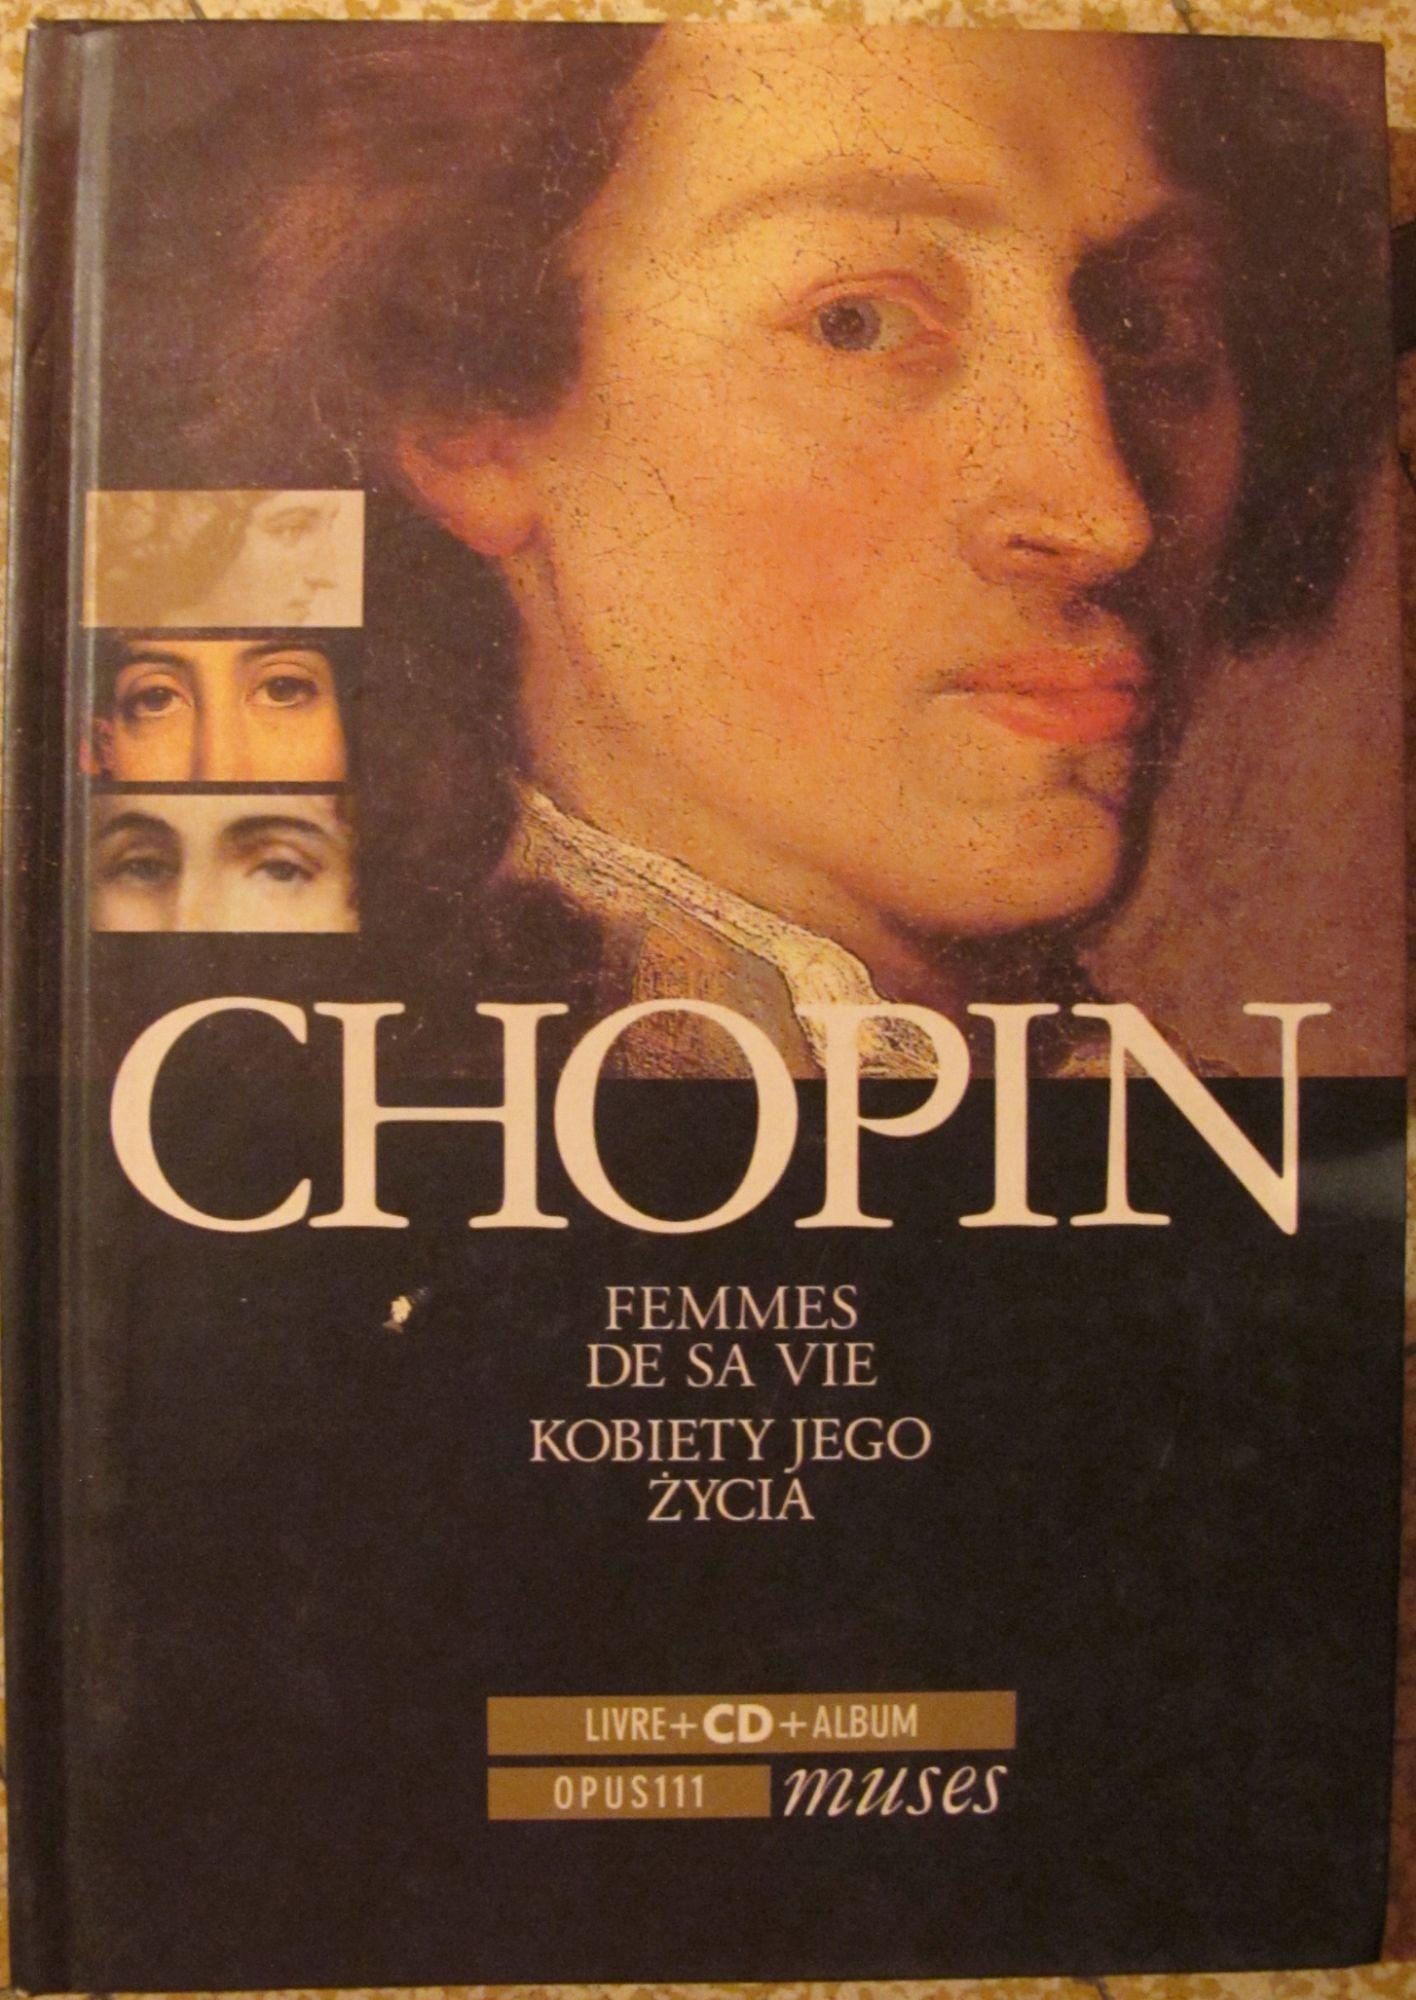 Chopin Femmes de sa vie